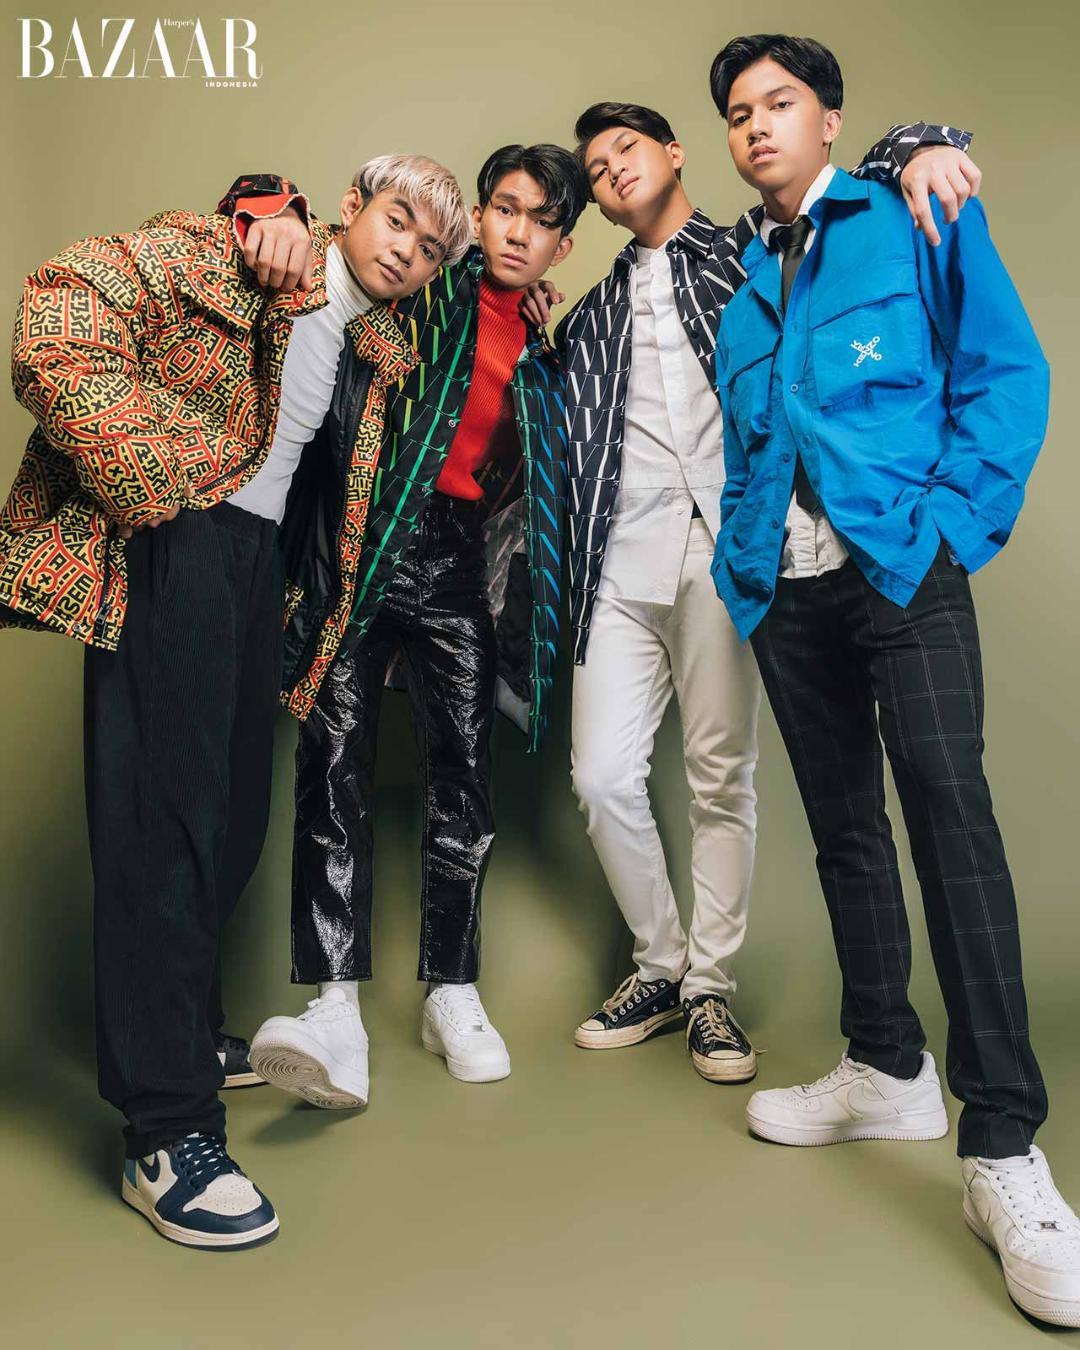 (From left to right) Gilang mengenakan jaket Coach, Ricky dan Fiki mengenakan kemeja Valentino, Fajri mengenakan jaket Kenzo.